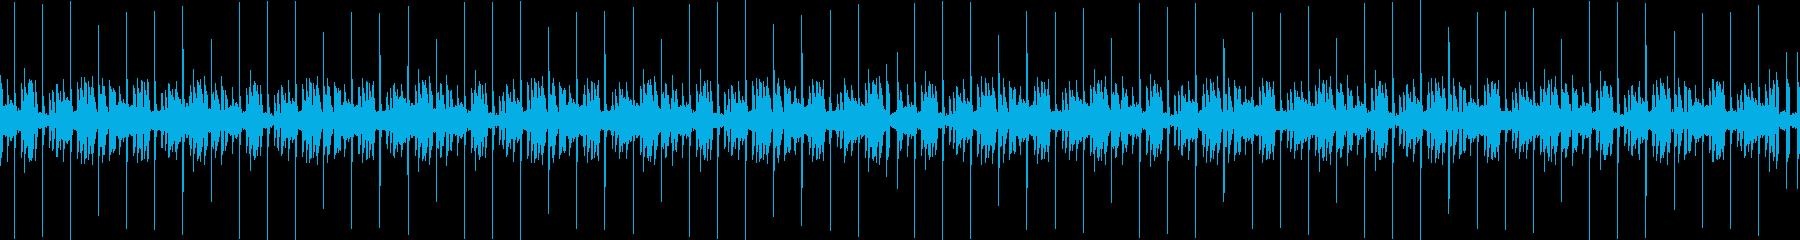 夏の終わりの様なメロウヒップホップビートの再生済みの波形